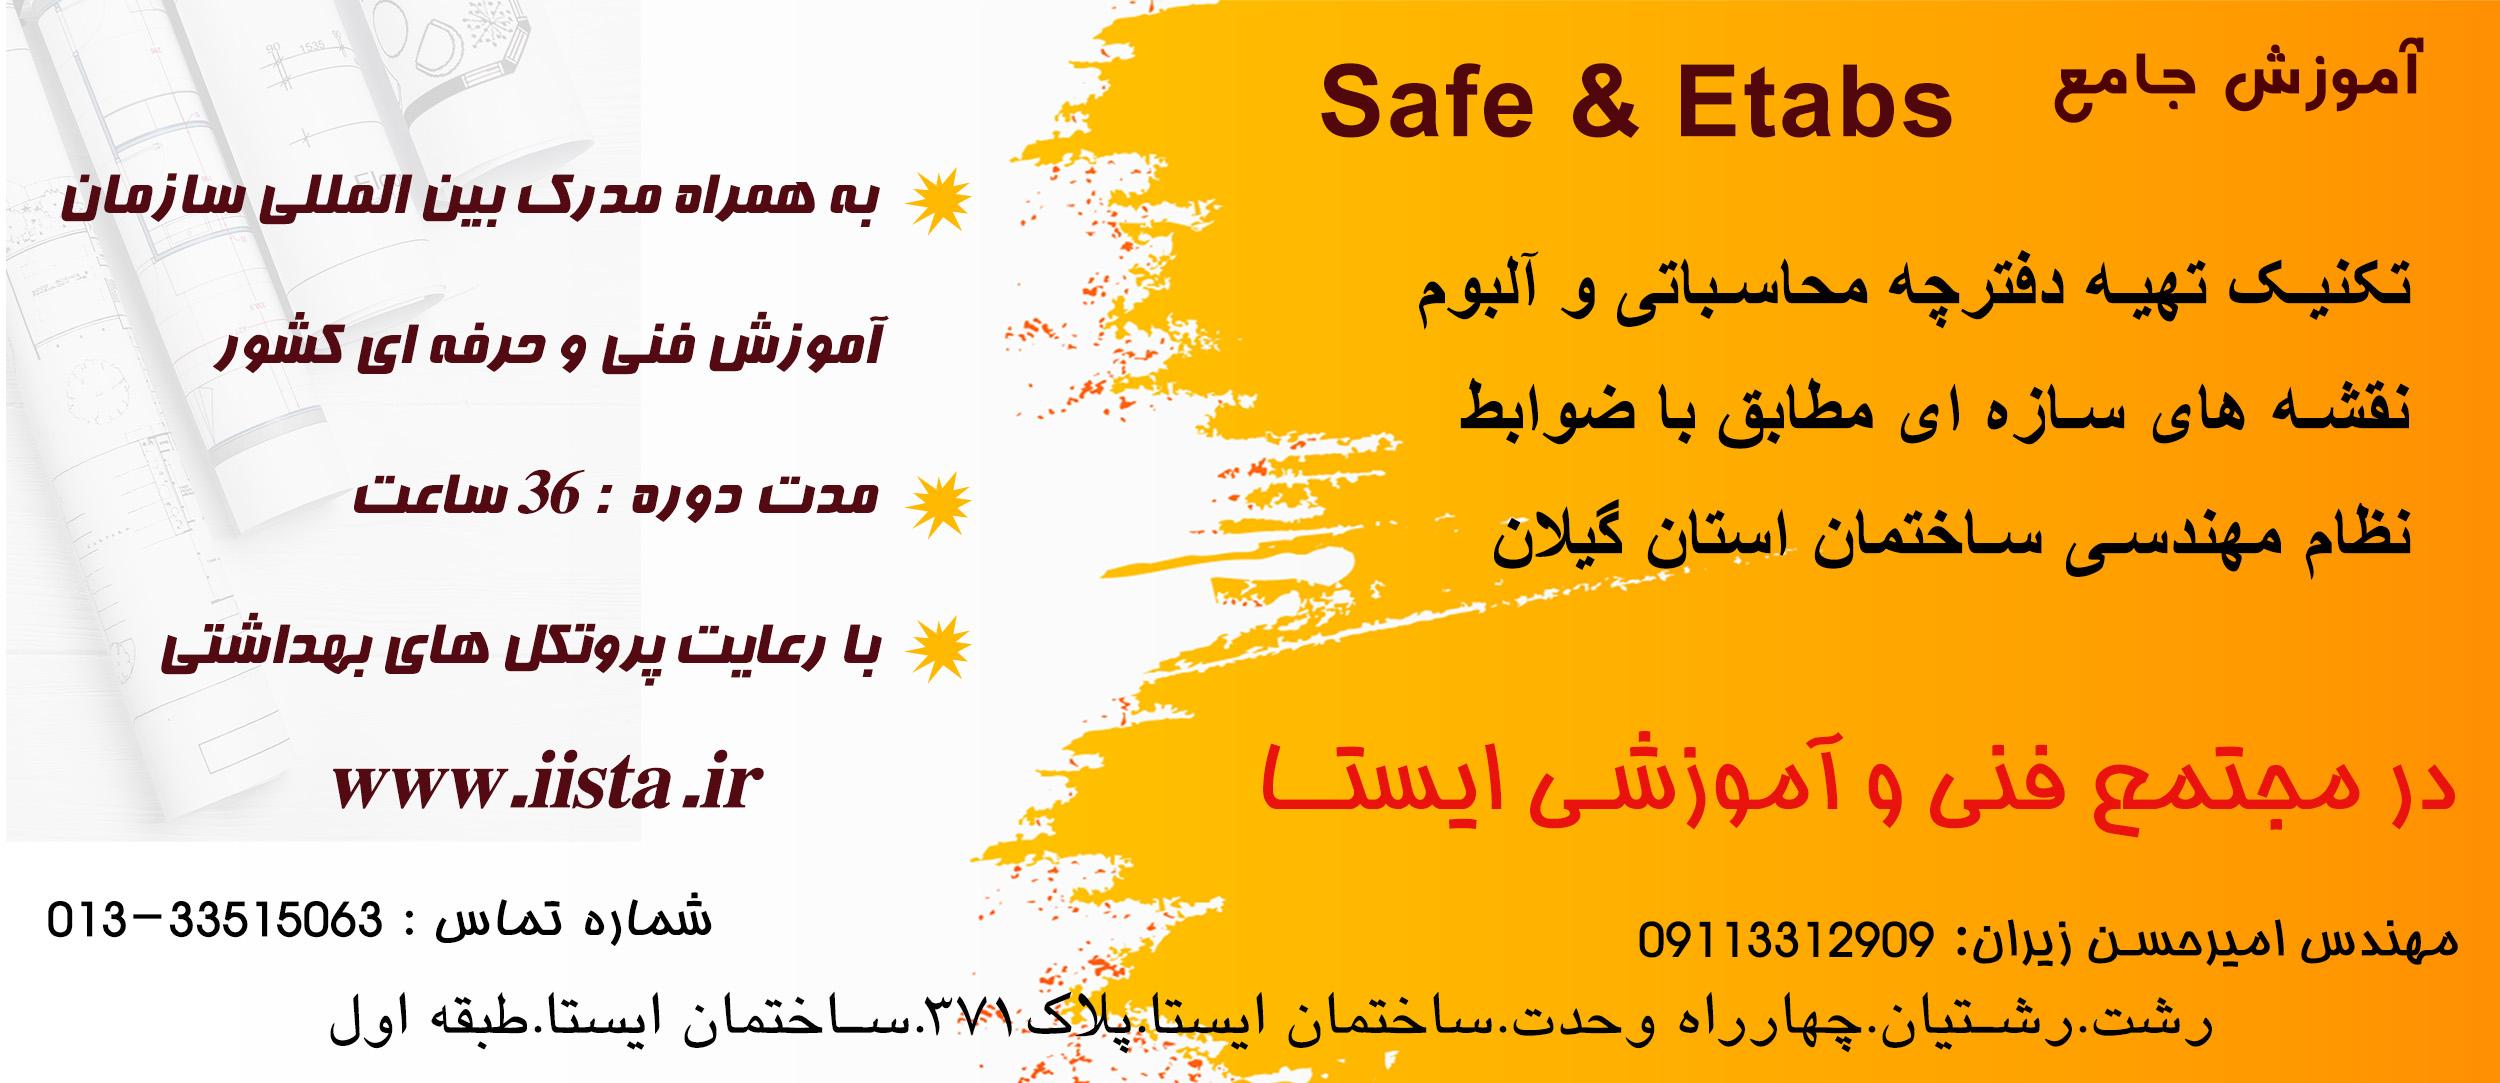 دوره safe & etabs